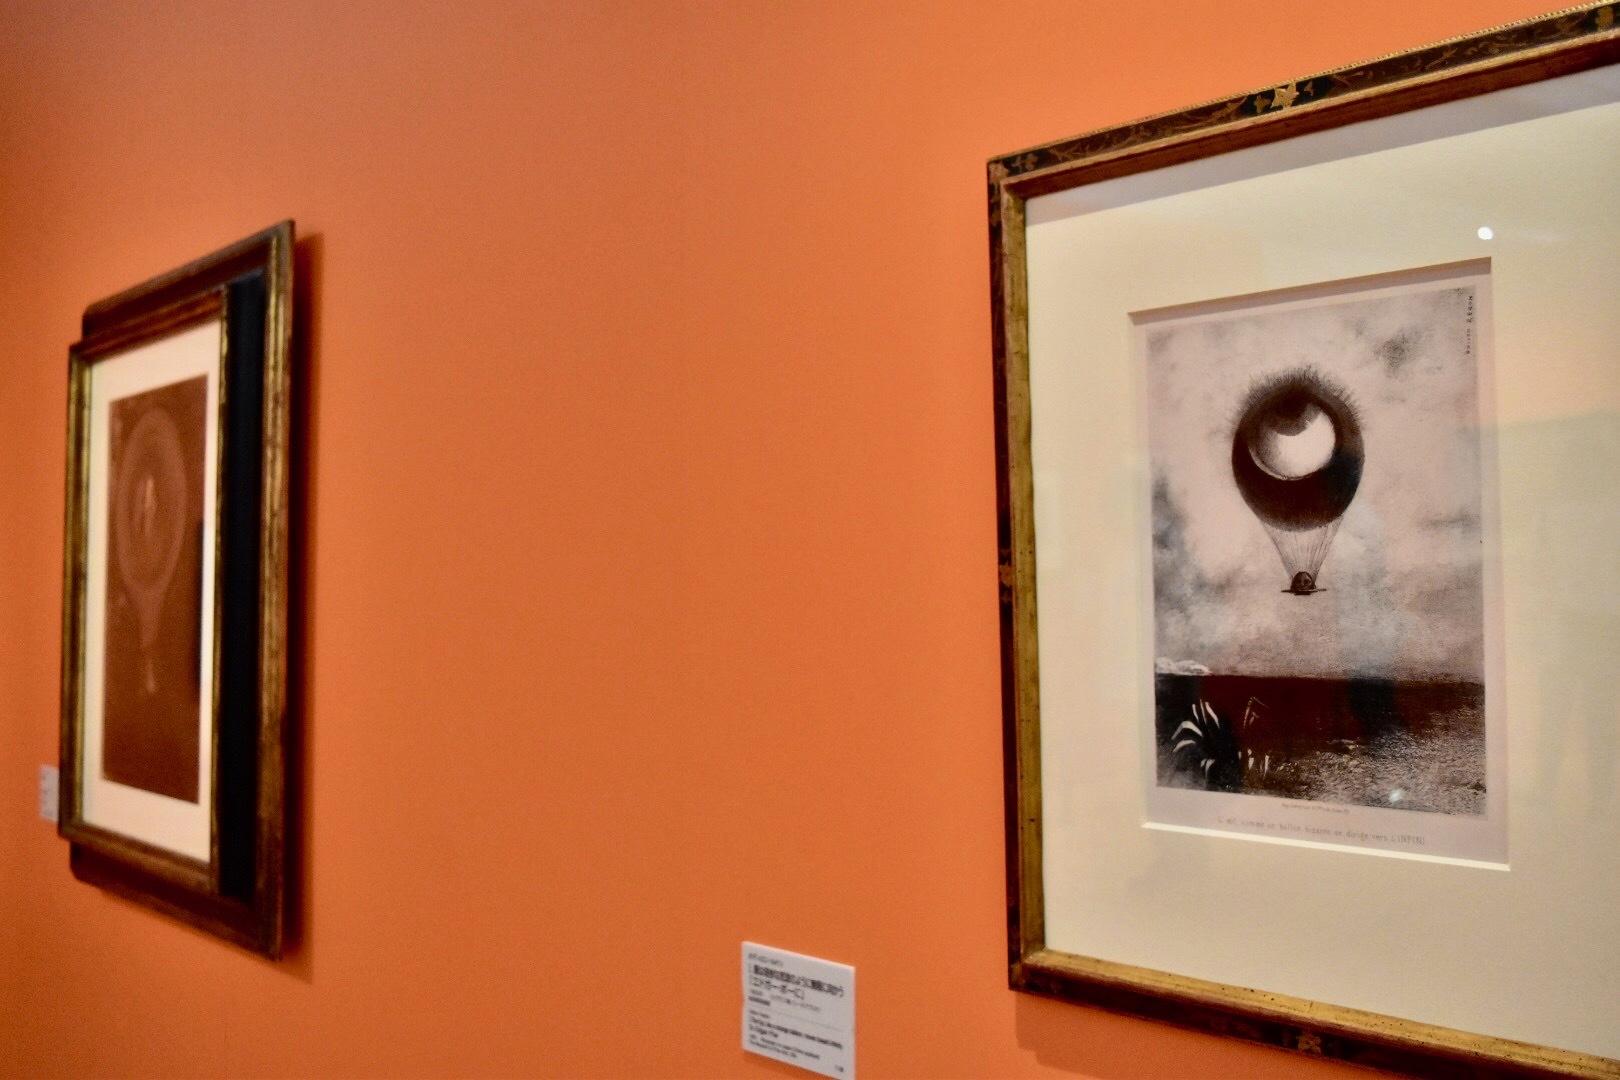 右:オディロン・ルドン 『エドガー・ポーに』より《Ⅰ.眼は奇妙な気球のように無限に向かう》1882年 岐阜県美術館